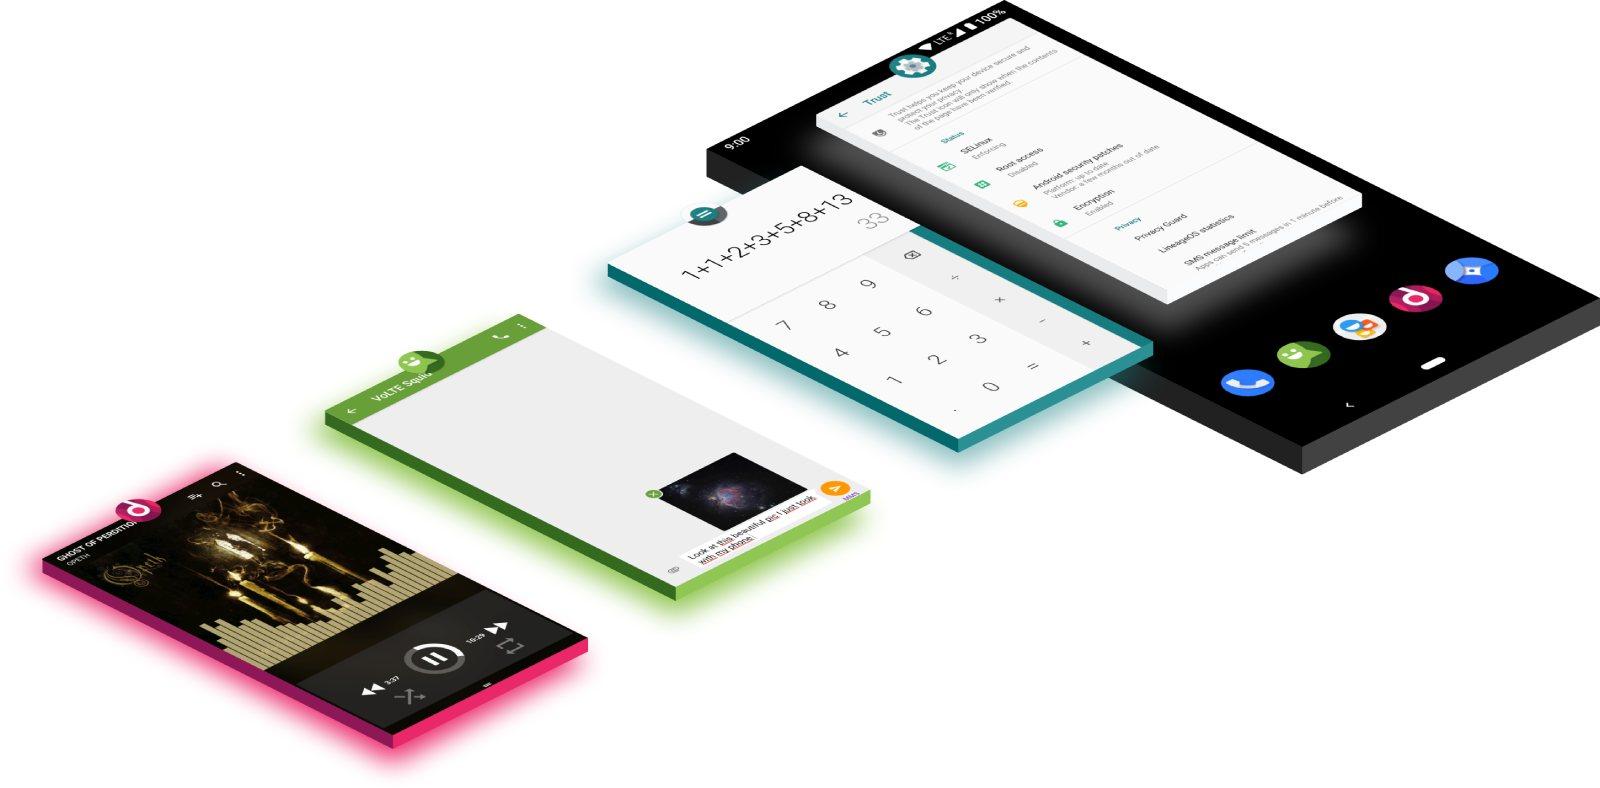 LineageOS kehrt für diverse Xiaomi-Smartphones wieder zurück